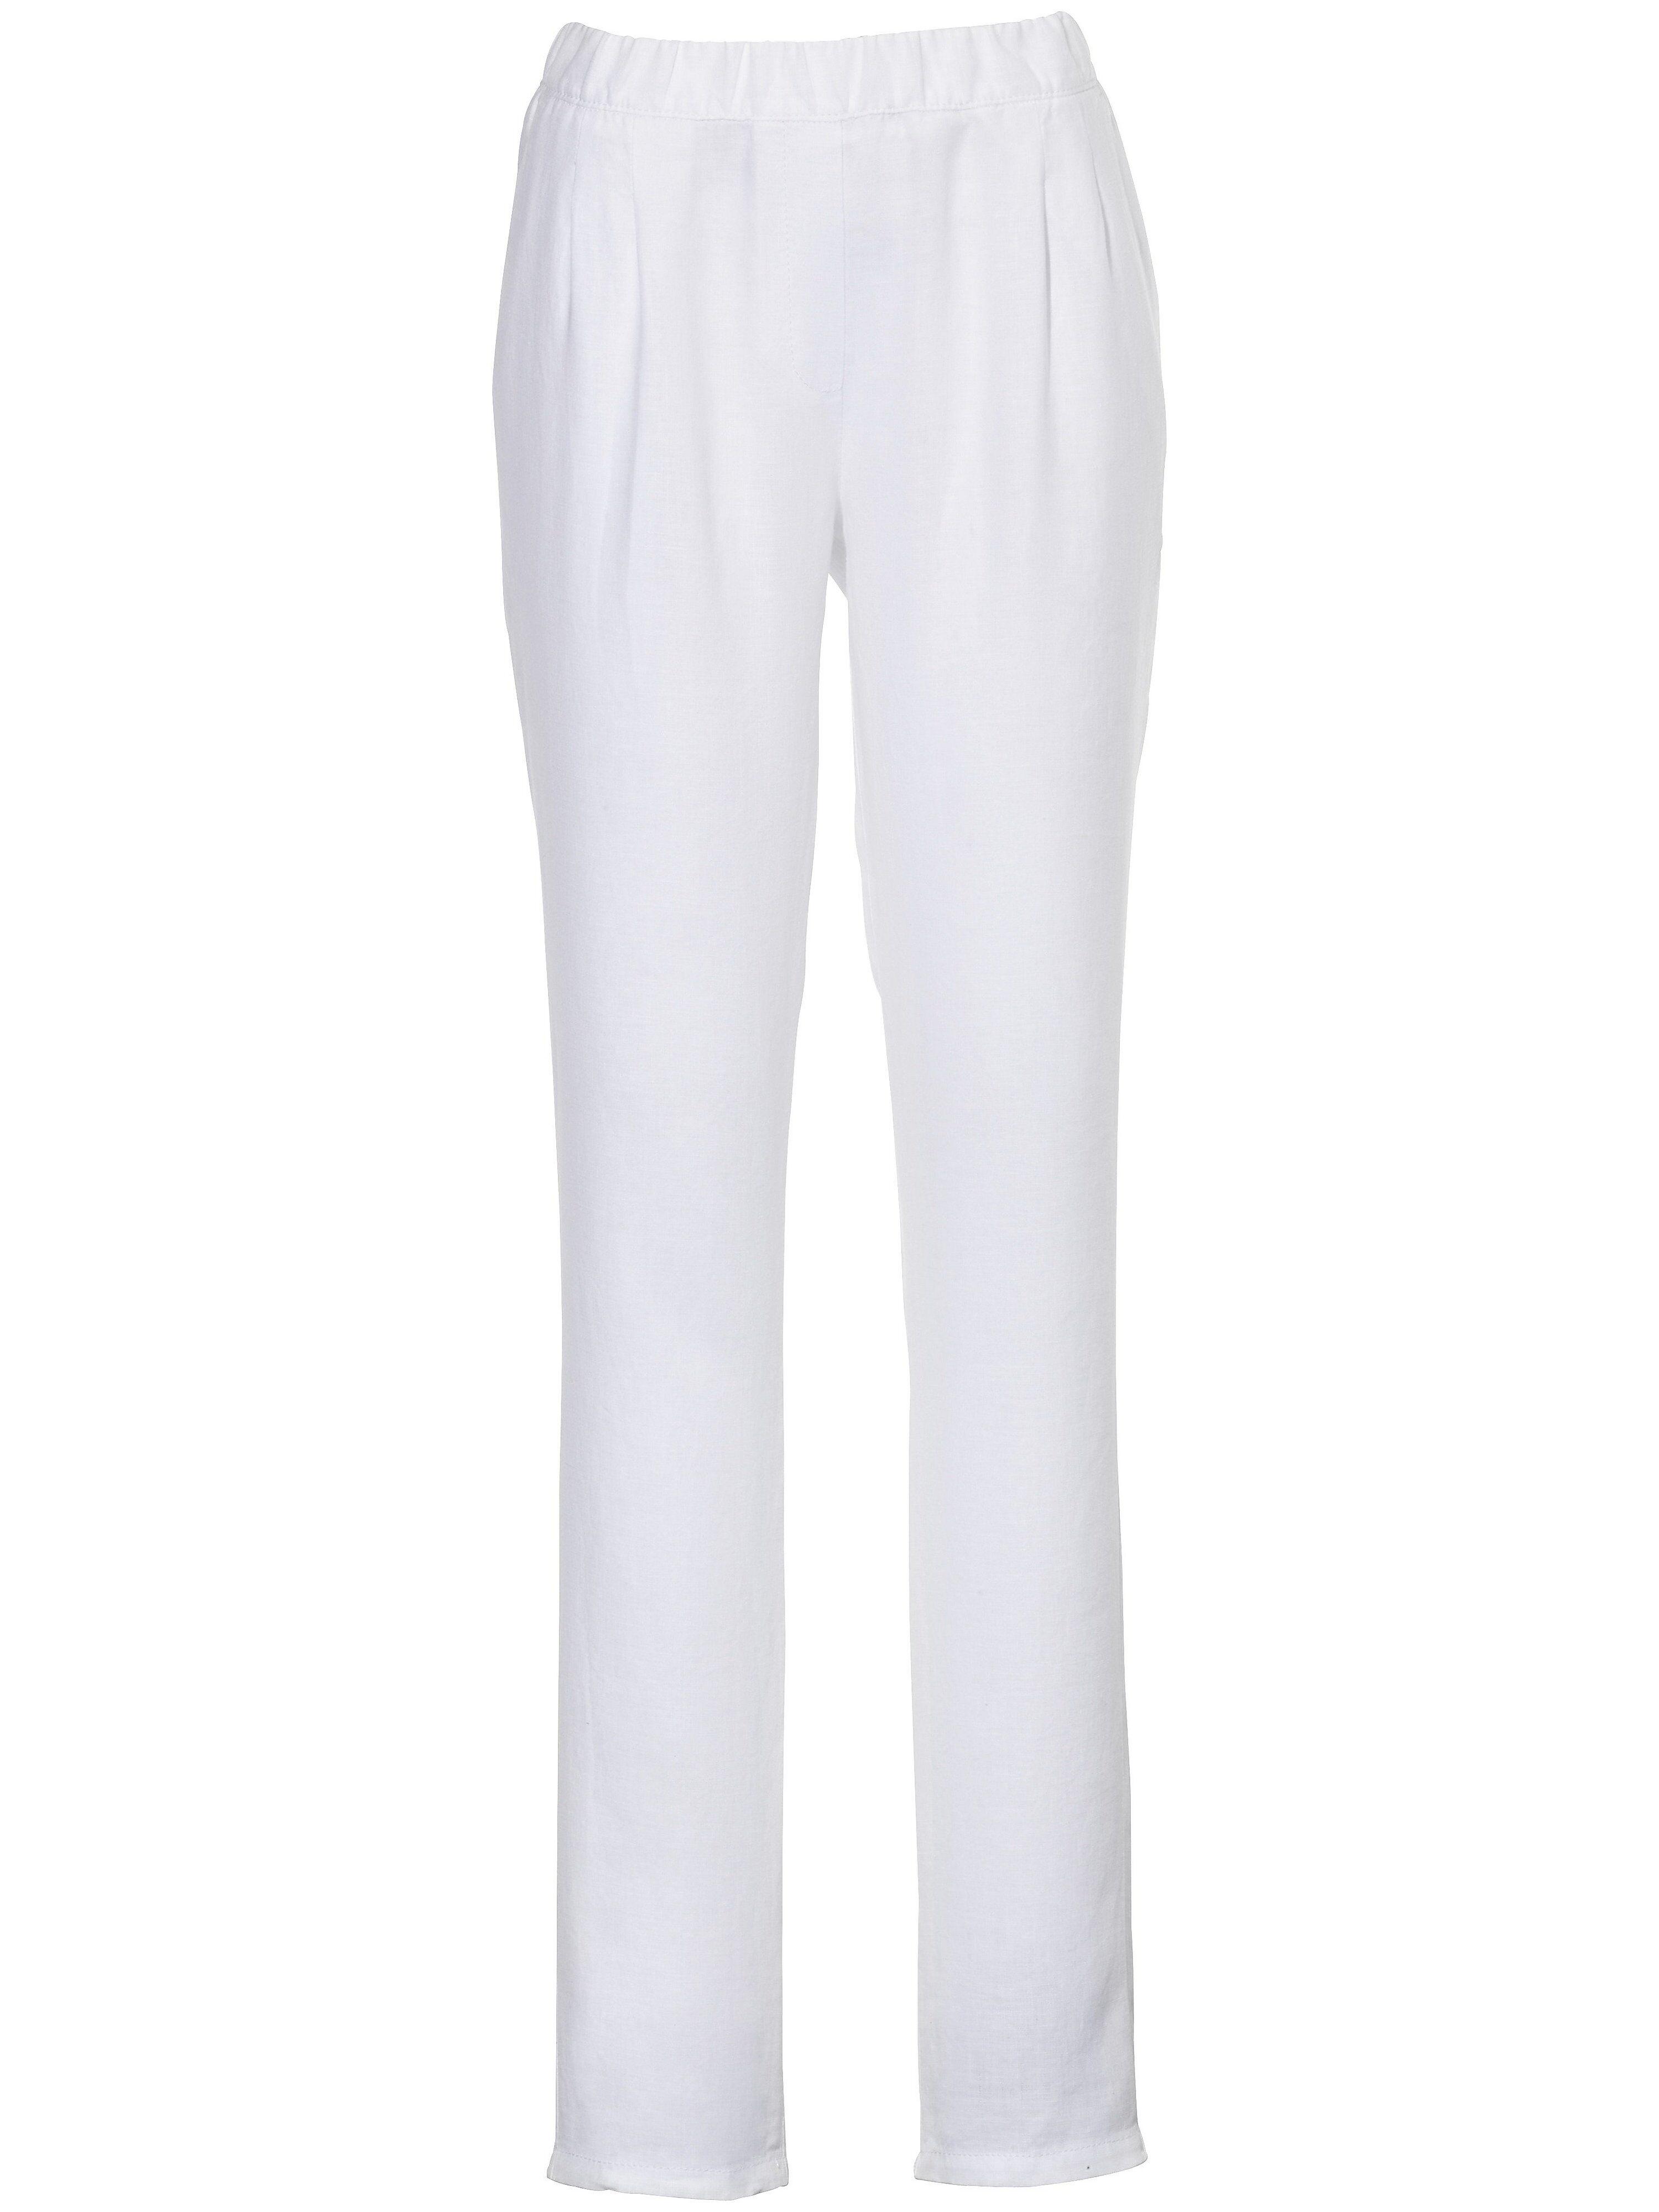 Peter Hahn Le pantalon à pinces  Peter Hahn blanc  - Femme - 19